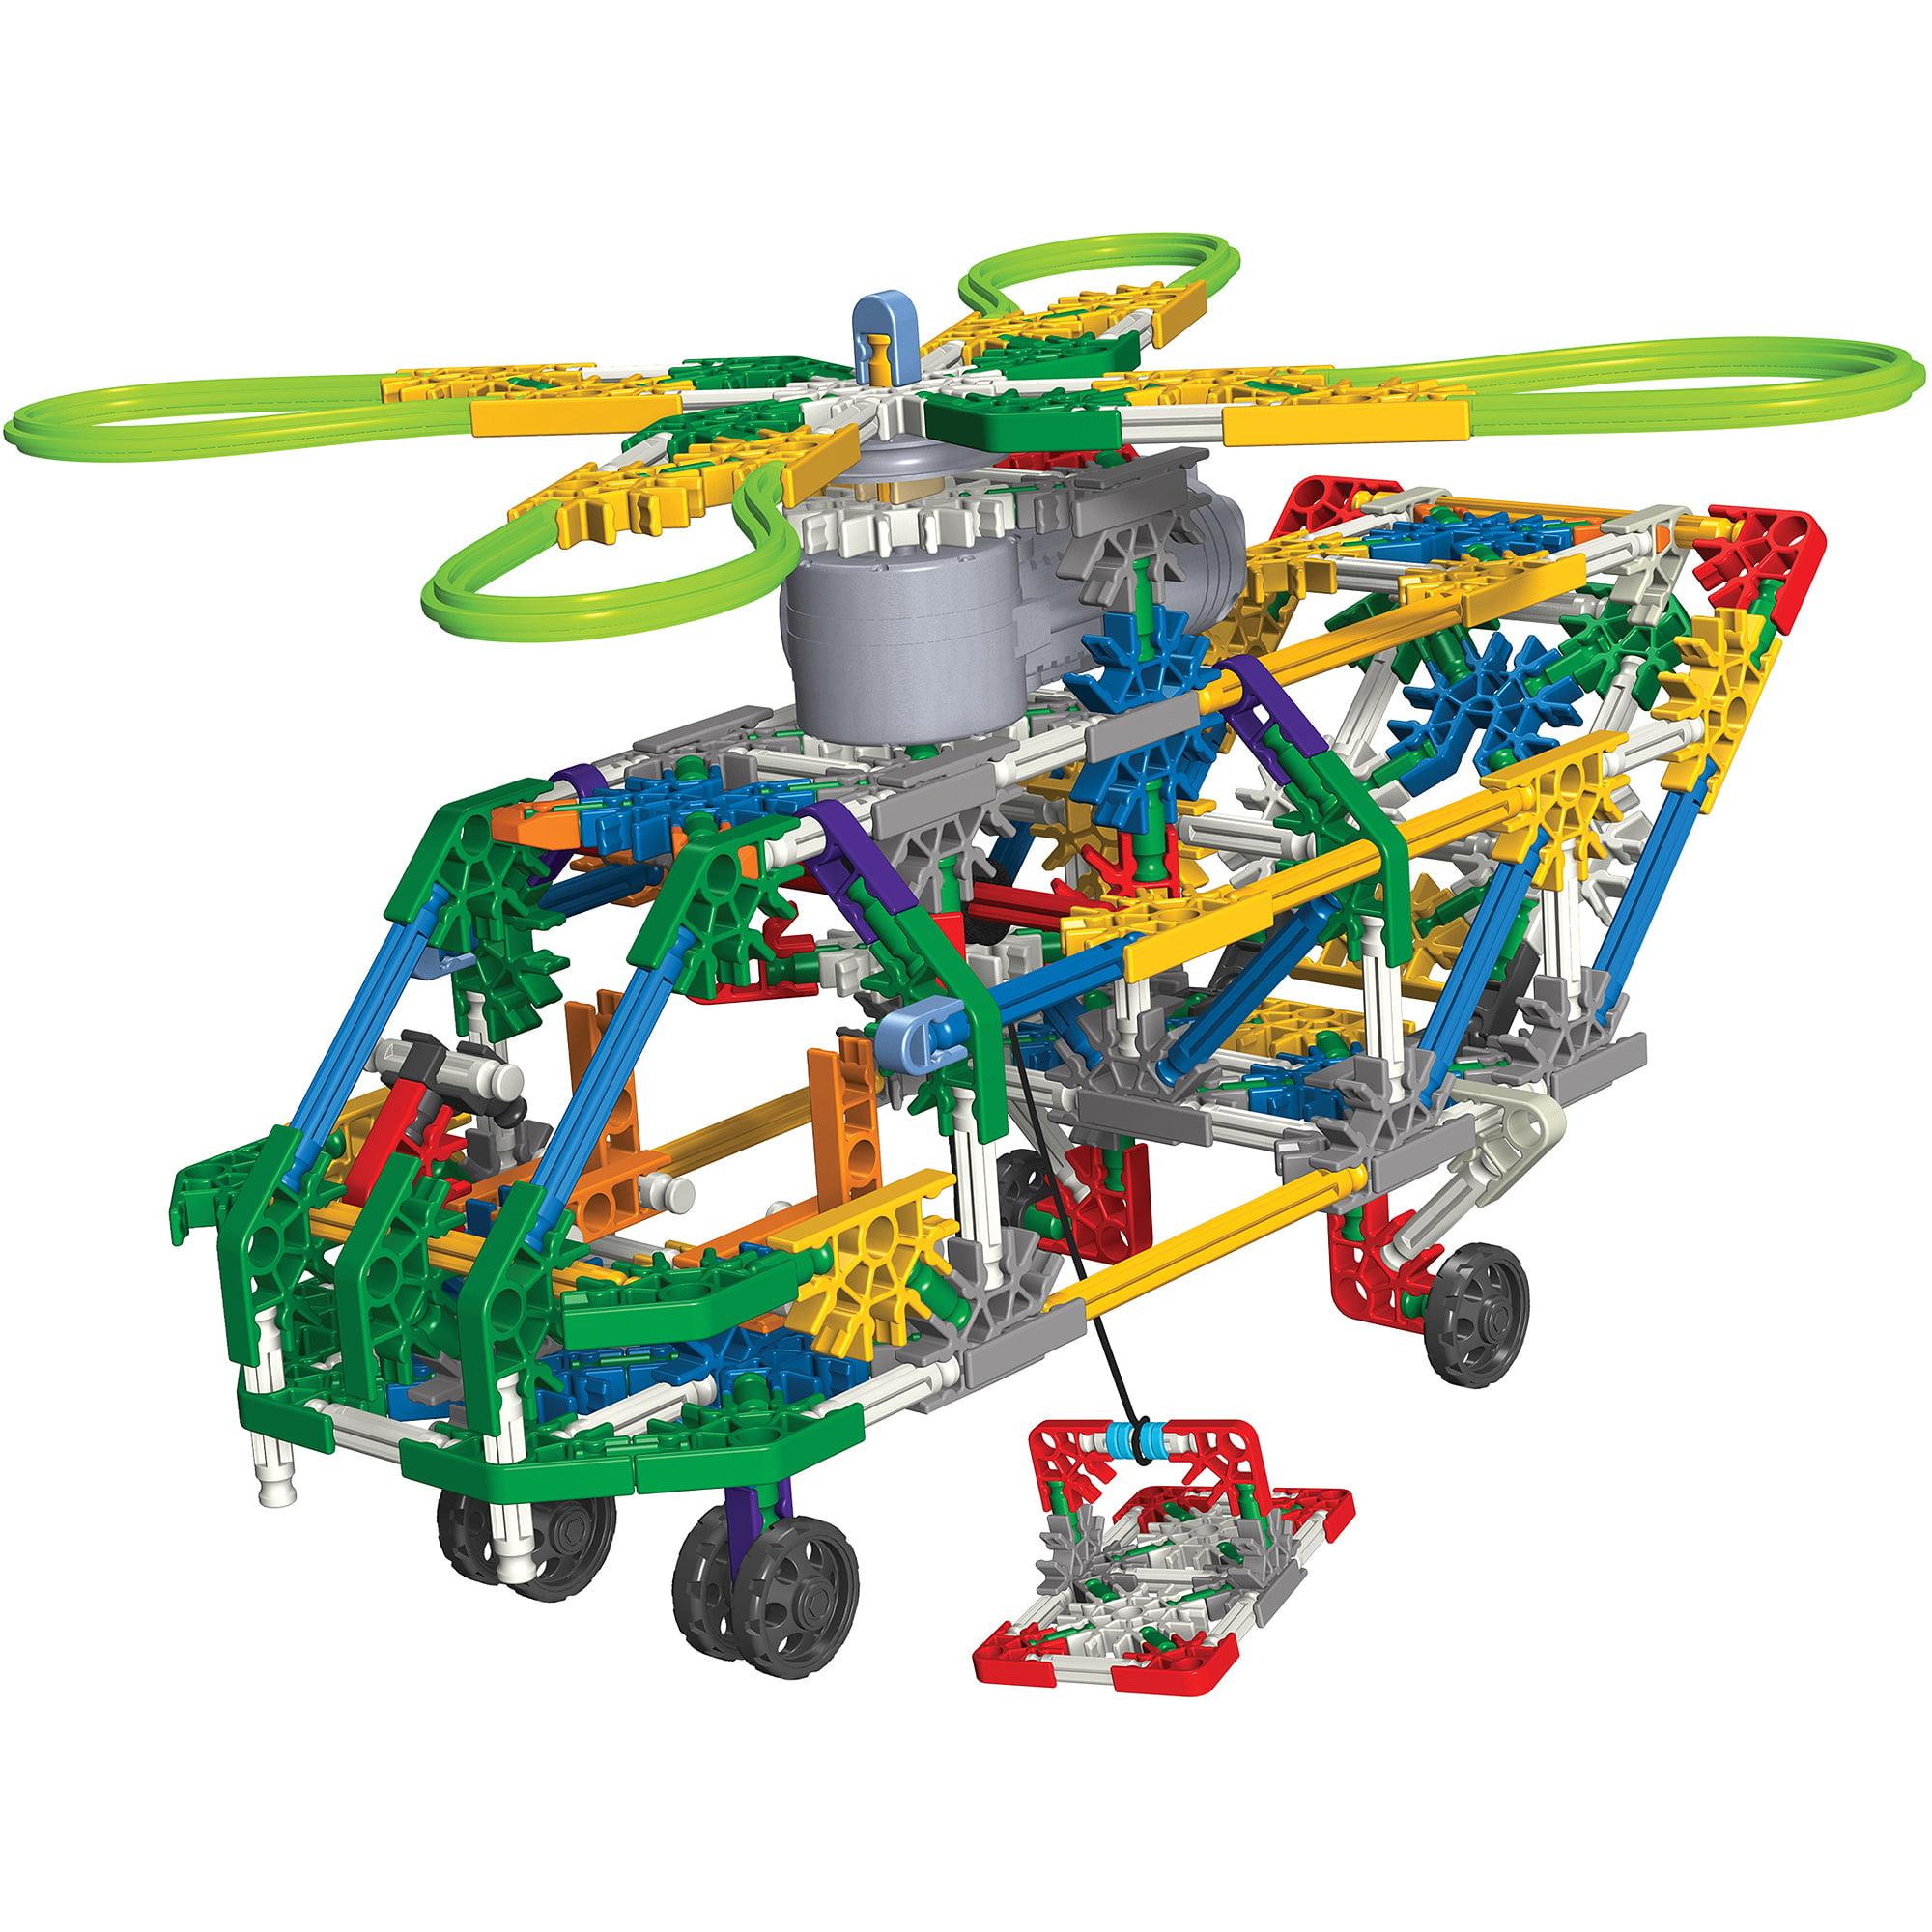 K'NEX Building Sets Transport Chopper Building Set